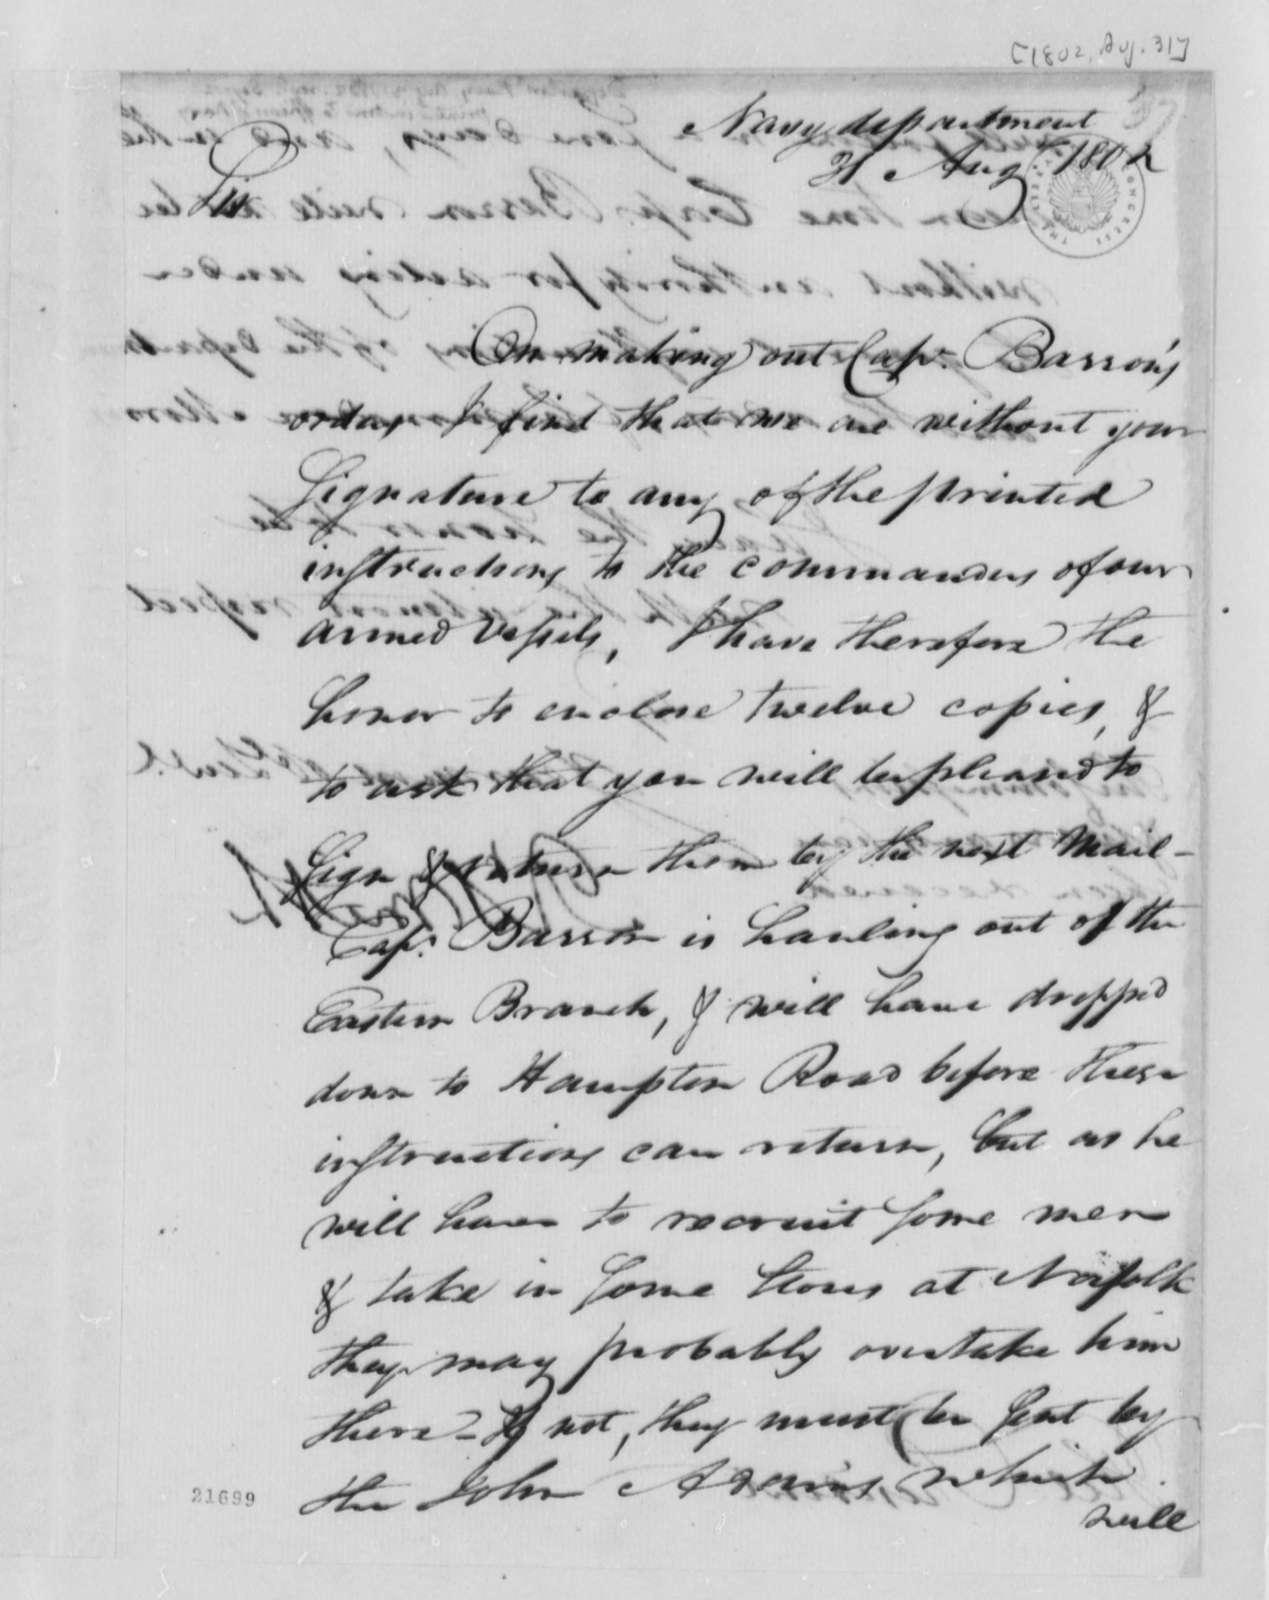 Robert Smith to Thomas Jefferson, August 31, 1802